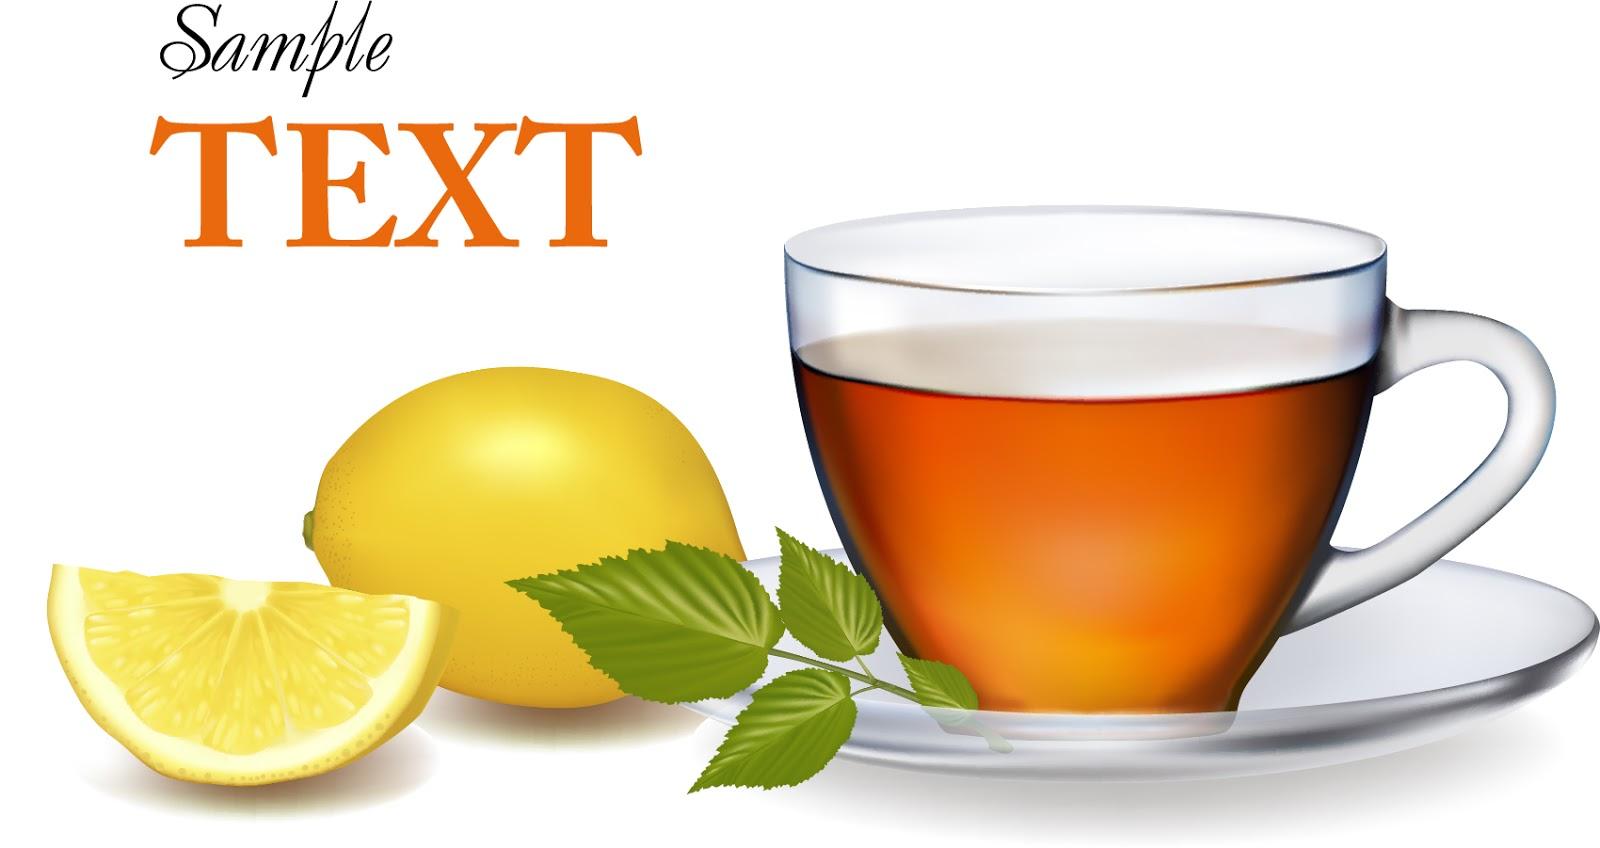 レモンティー nature realistic teacup イラスト素材